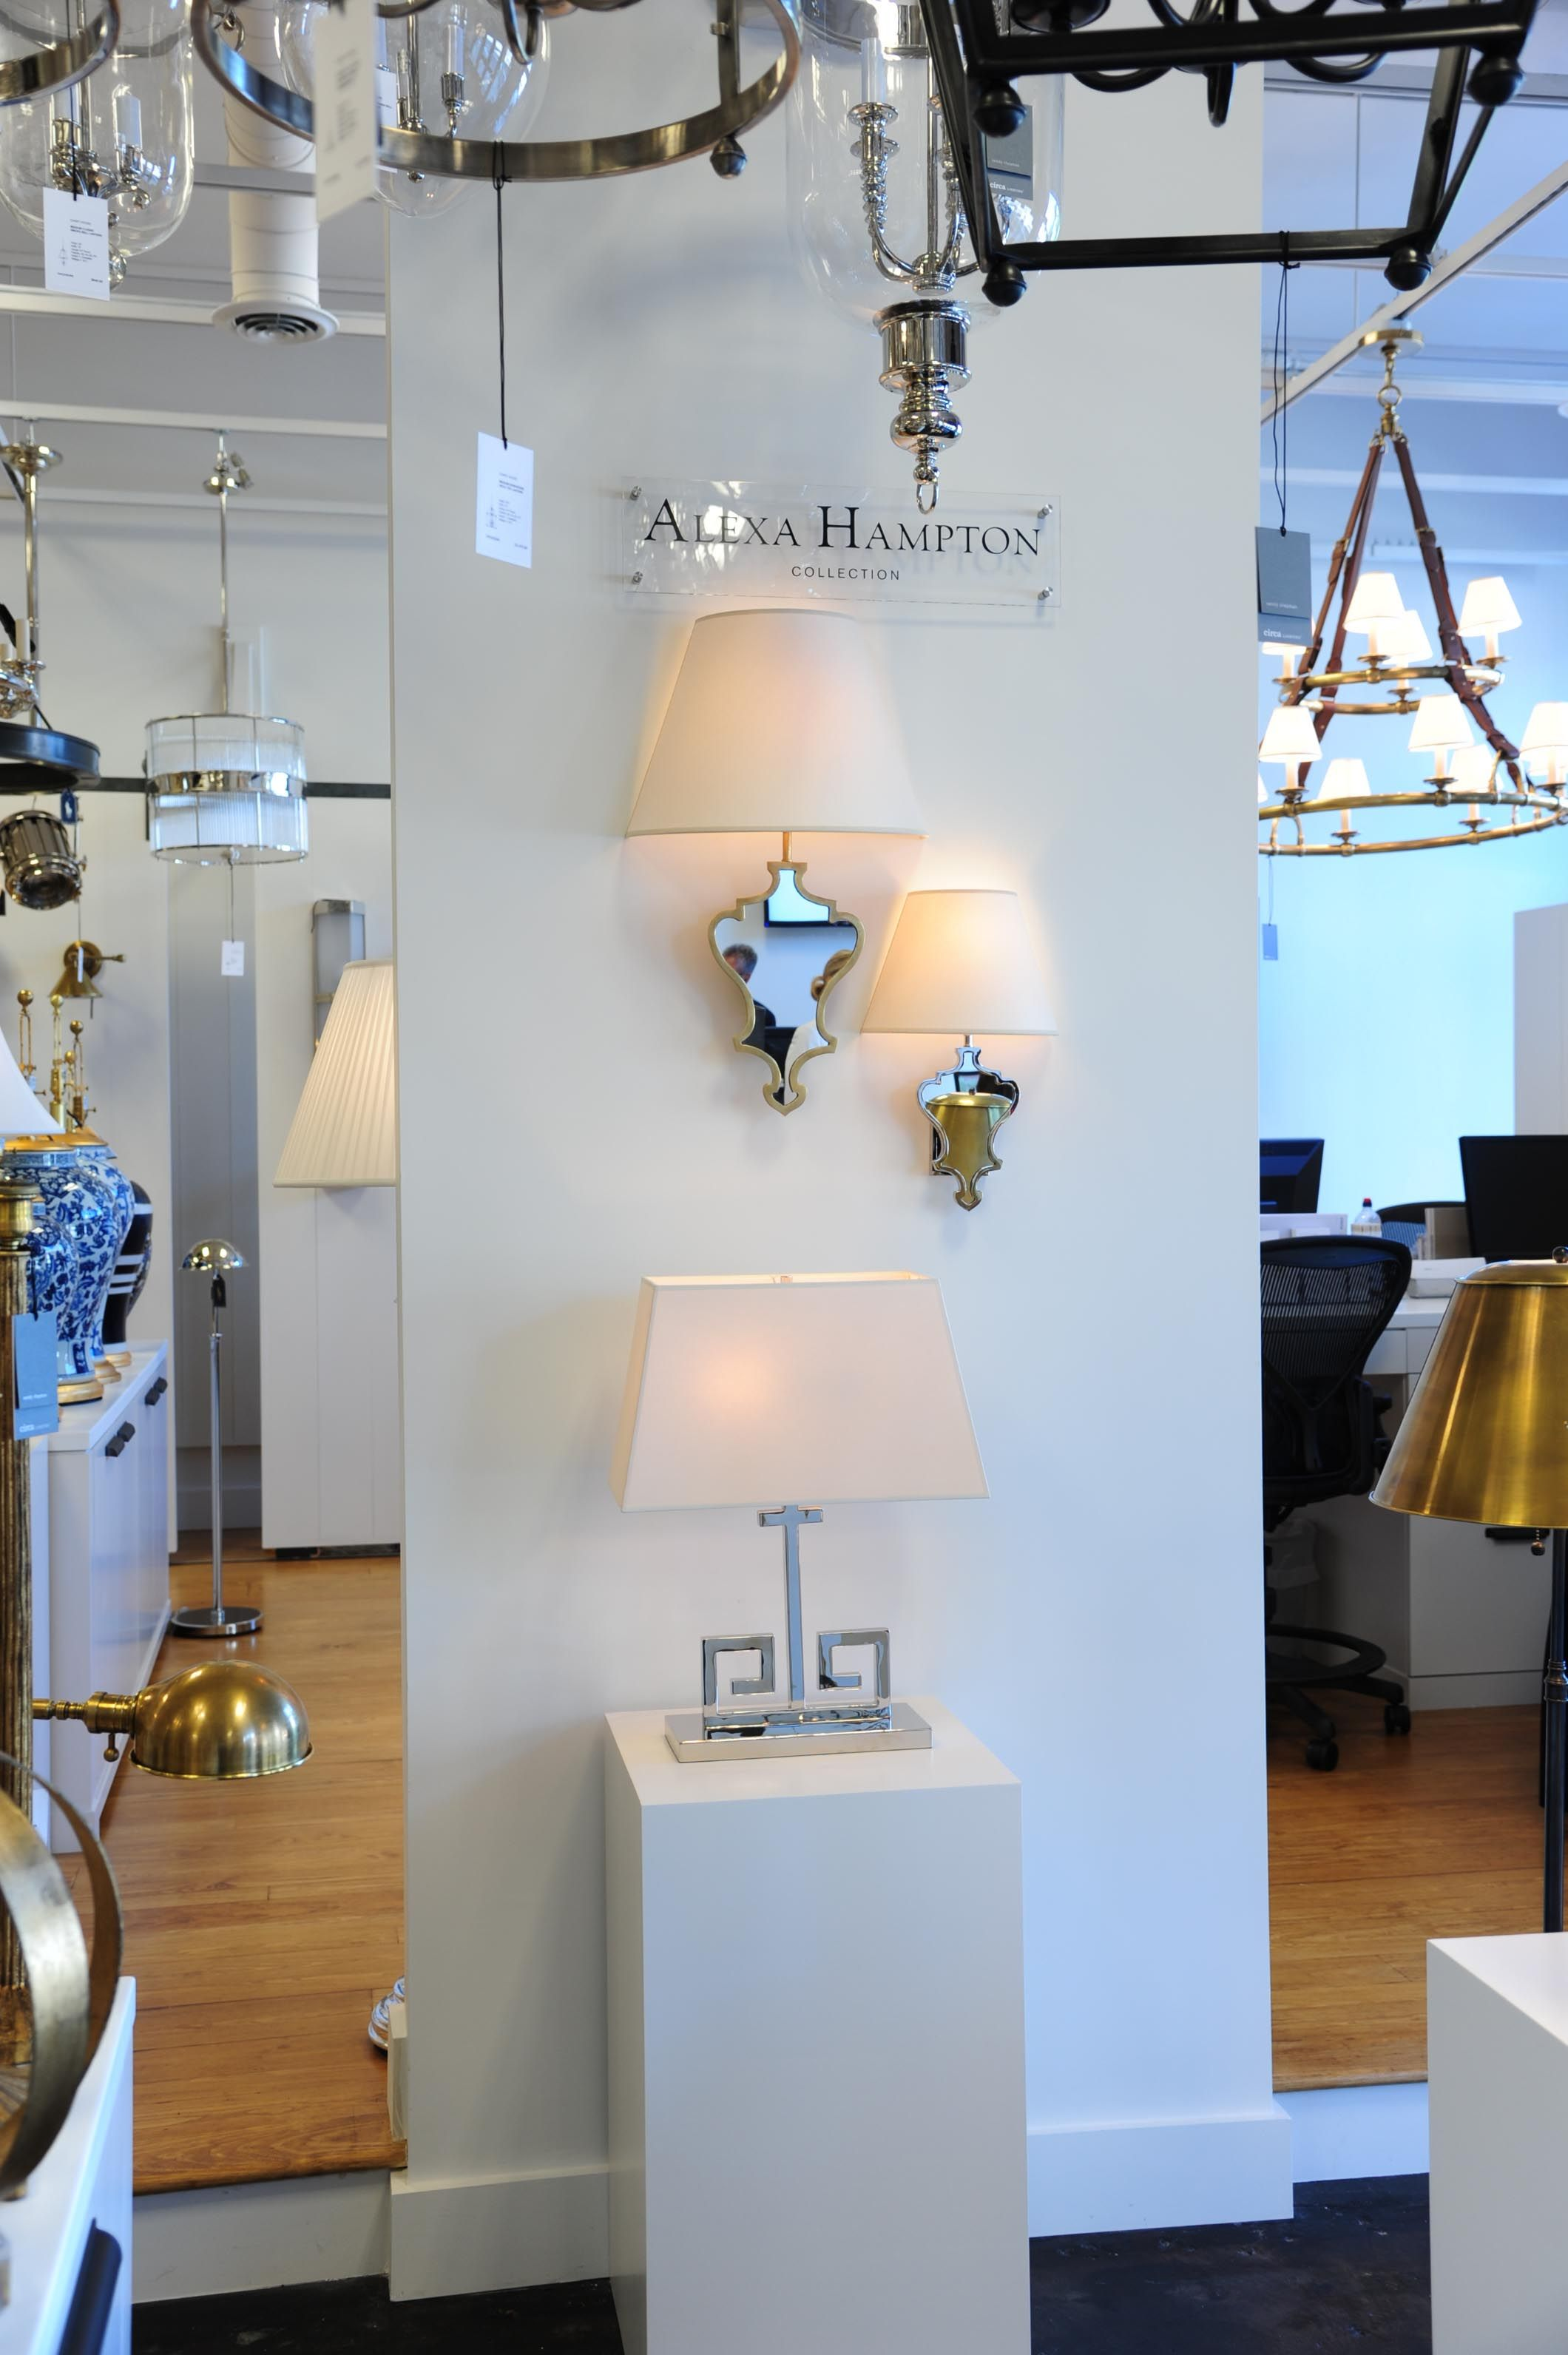 Atlanta showroom alexa hampton wall display